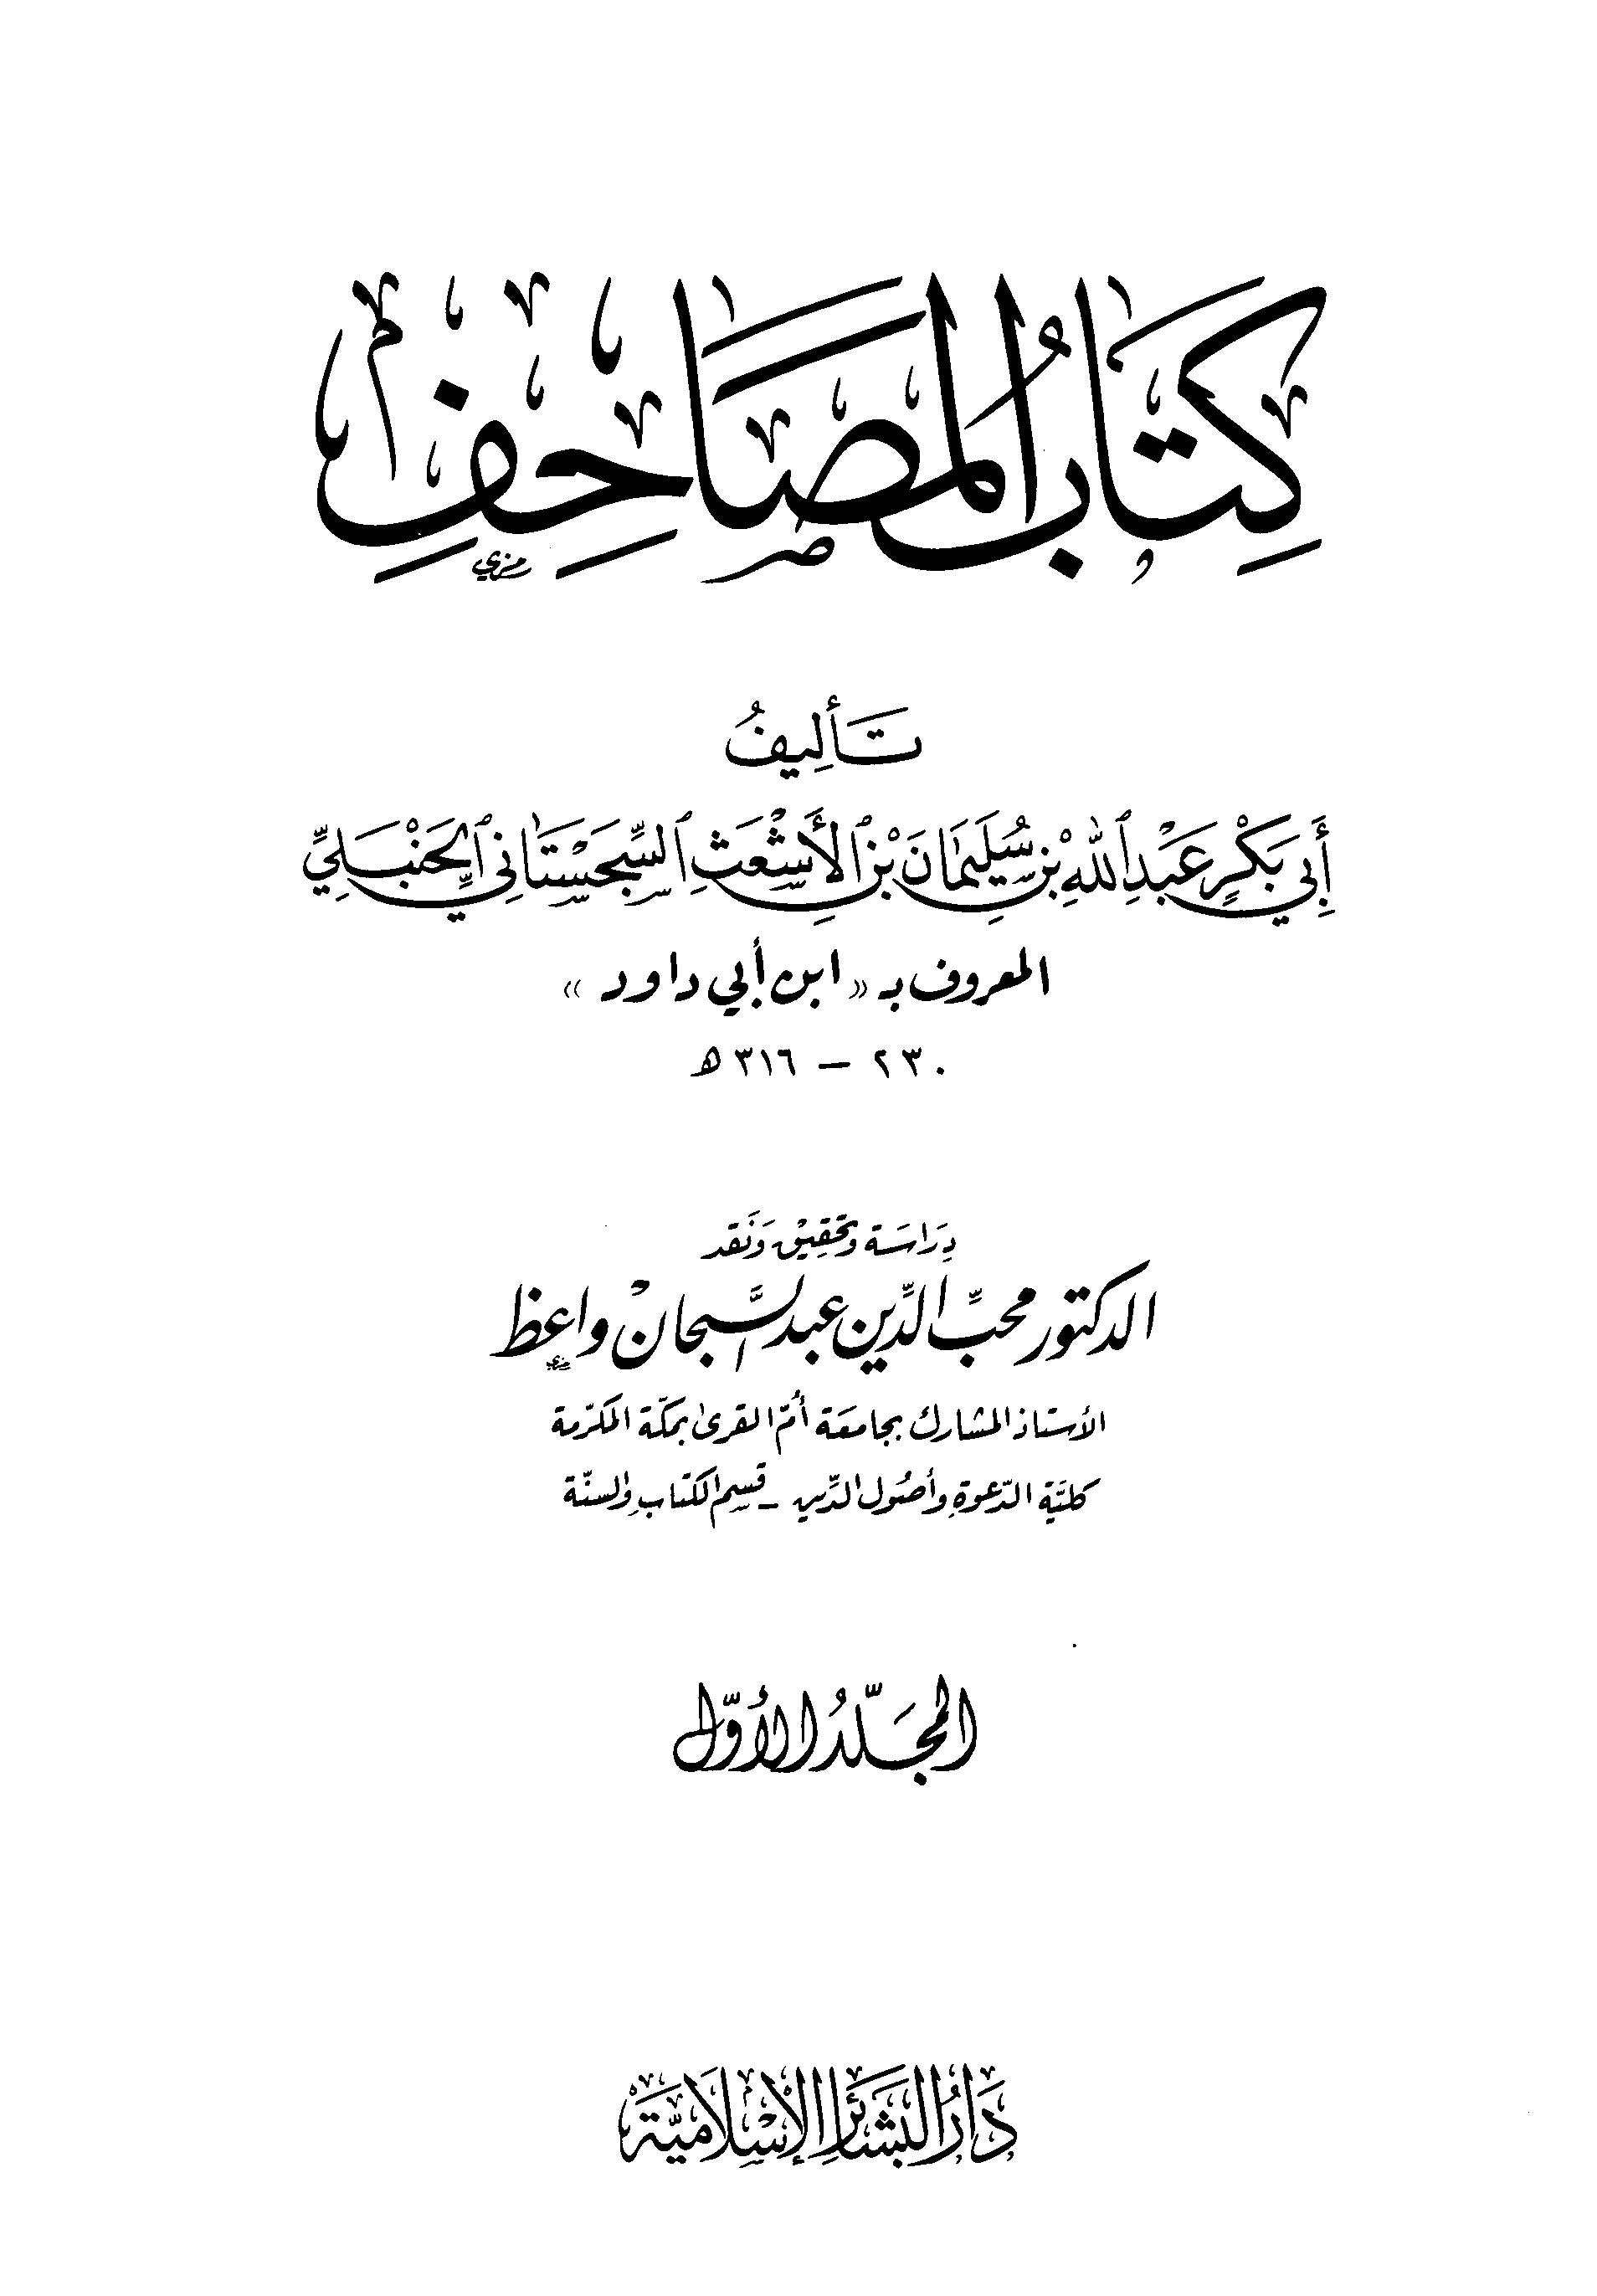 تحميل كتاب كتاب المصاحف لـِ: الإمام أبو بكر عبد الله بن سليمان بن الأشعث السجستاني الحنبلي، ابن أبي داود (ت 316)